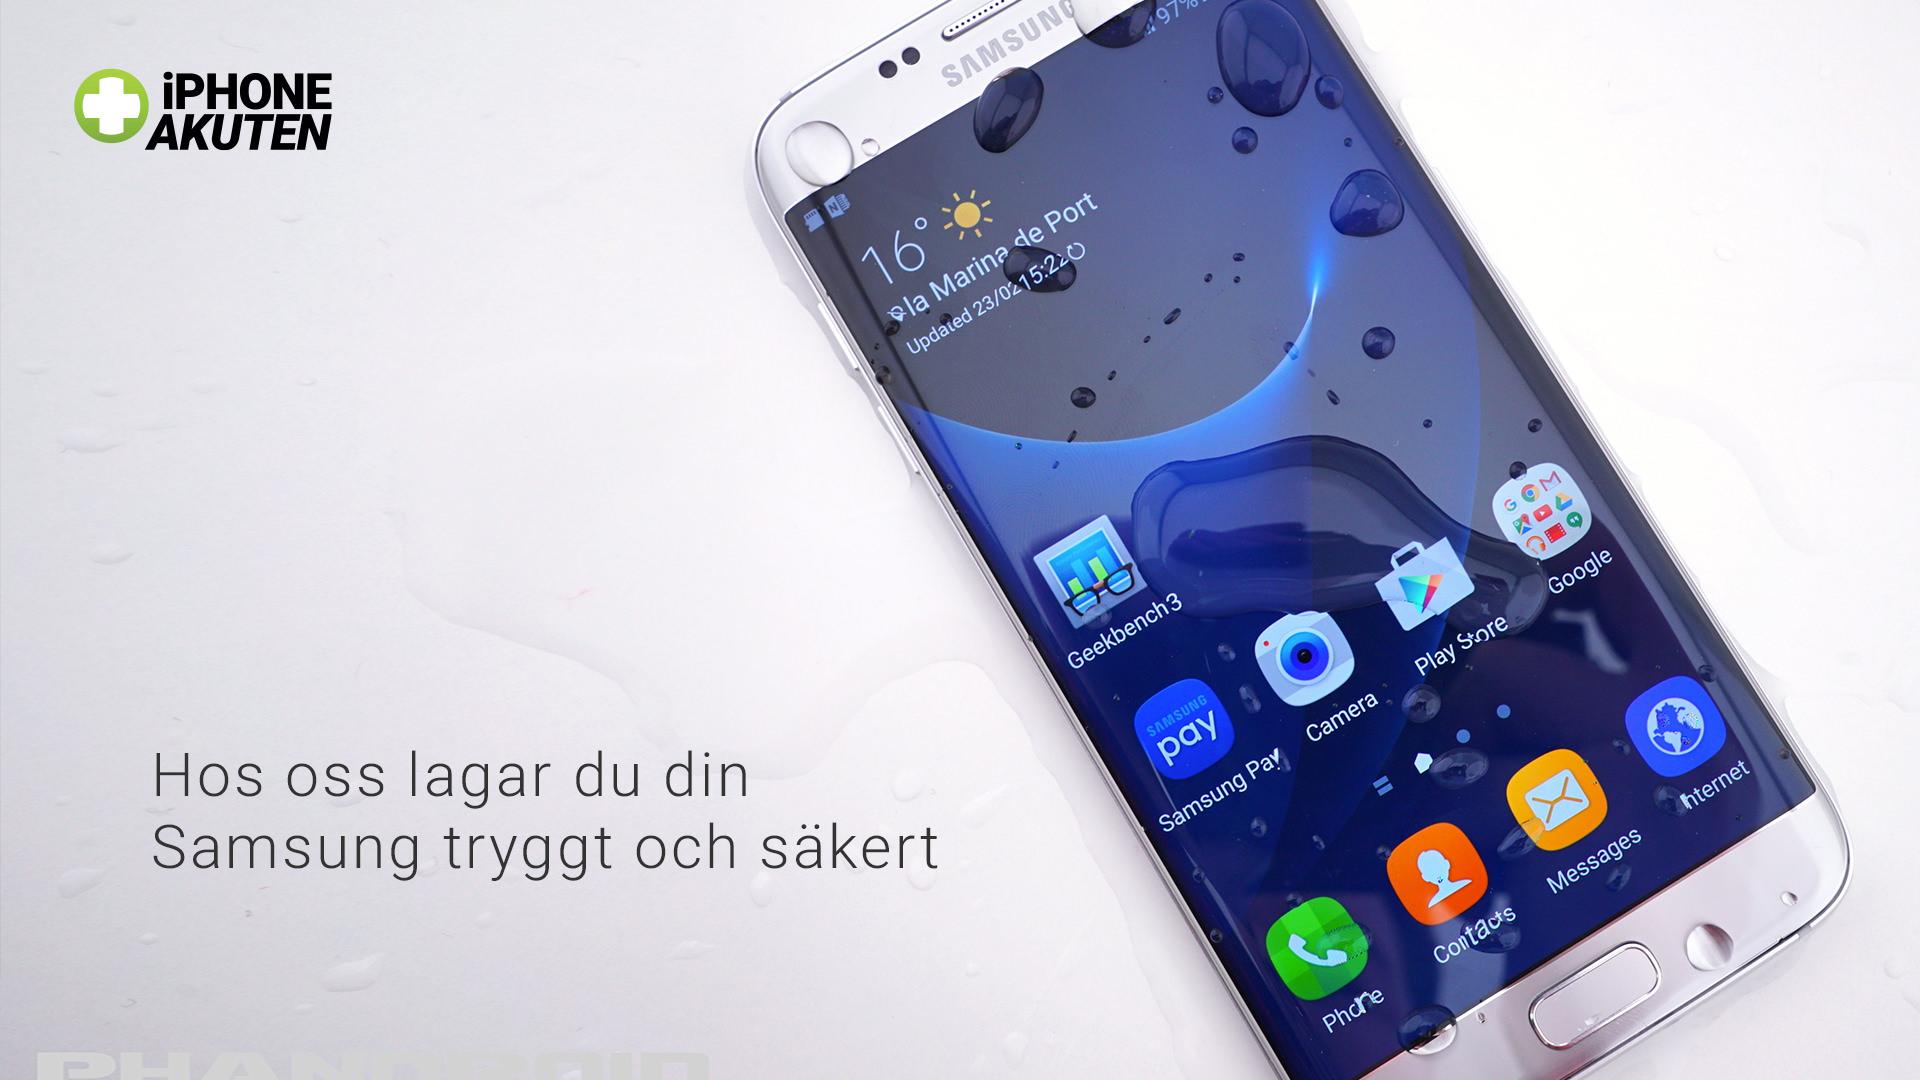 iPhone Akuten Sundsvall